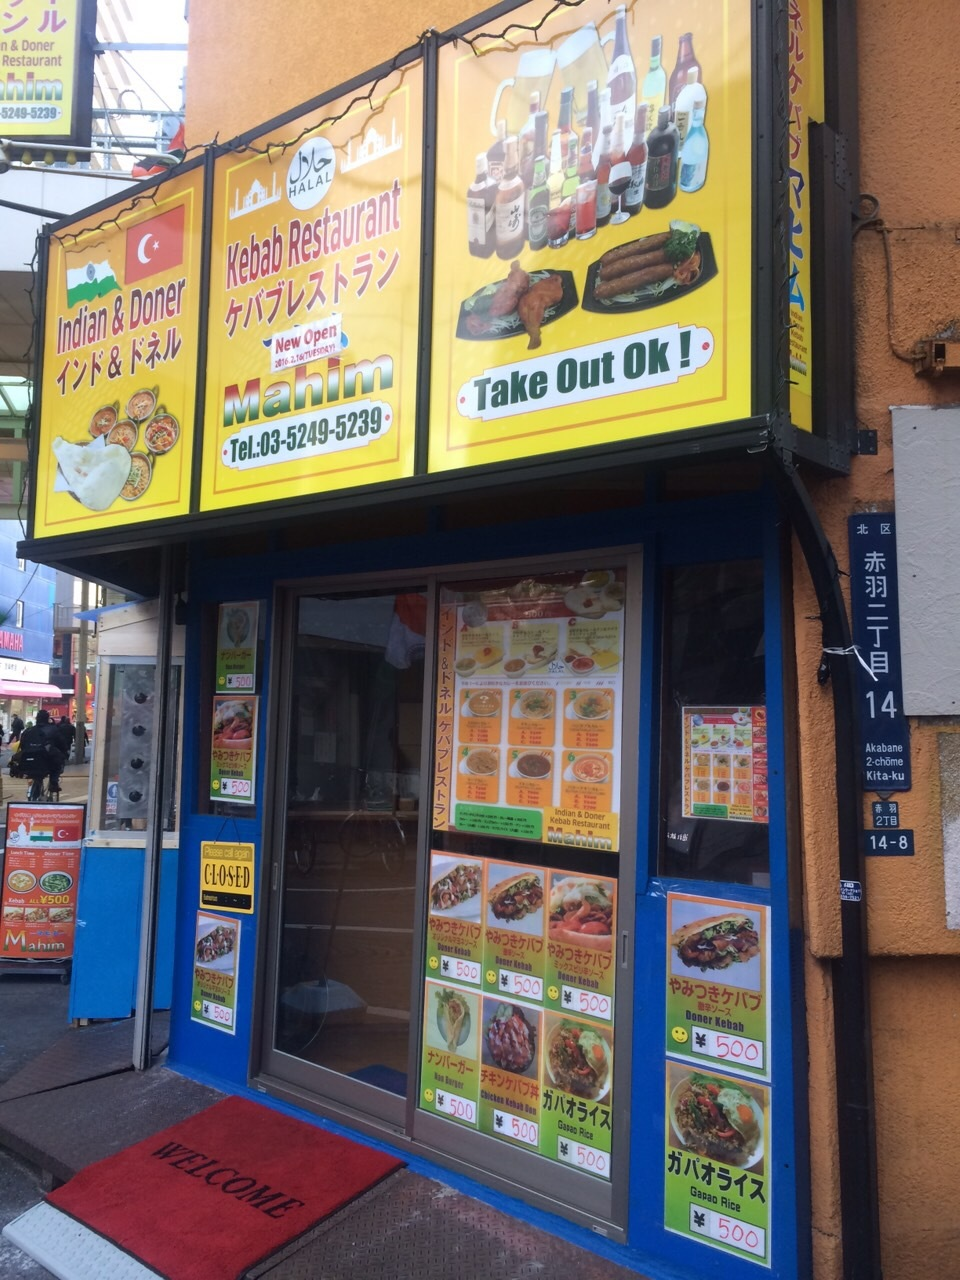 インド&ドネル ケバブ レストラン マヒム